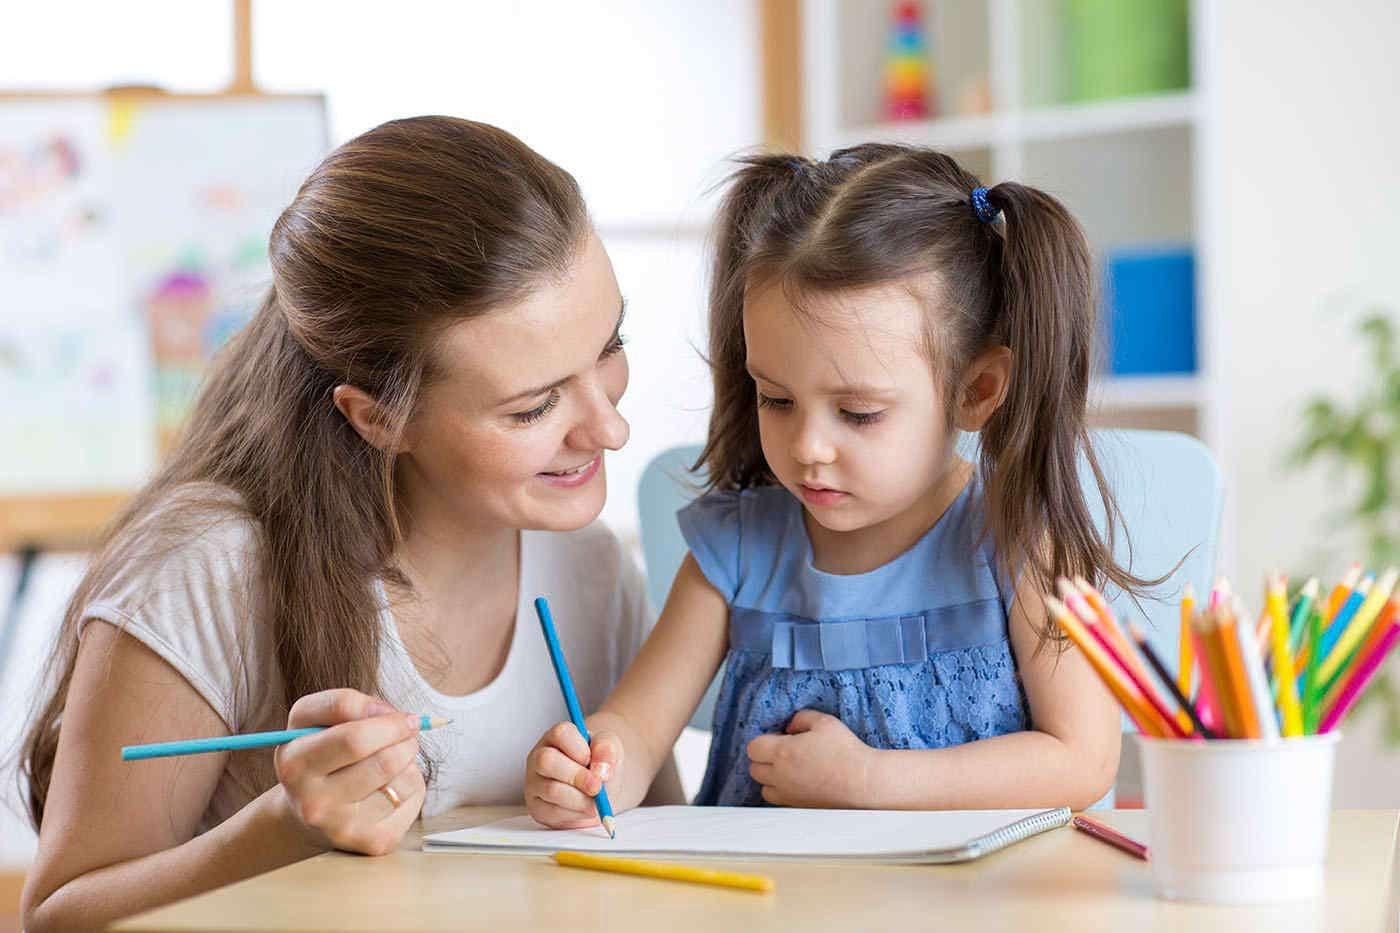 Educația timpurie a copilului îi modelează creierul de la maturitate